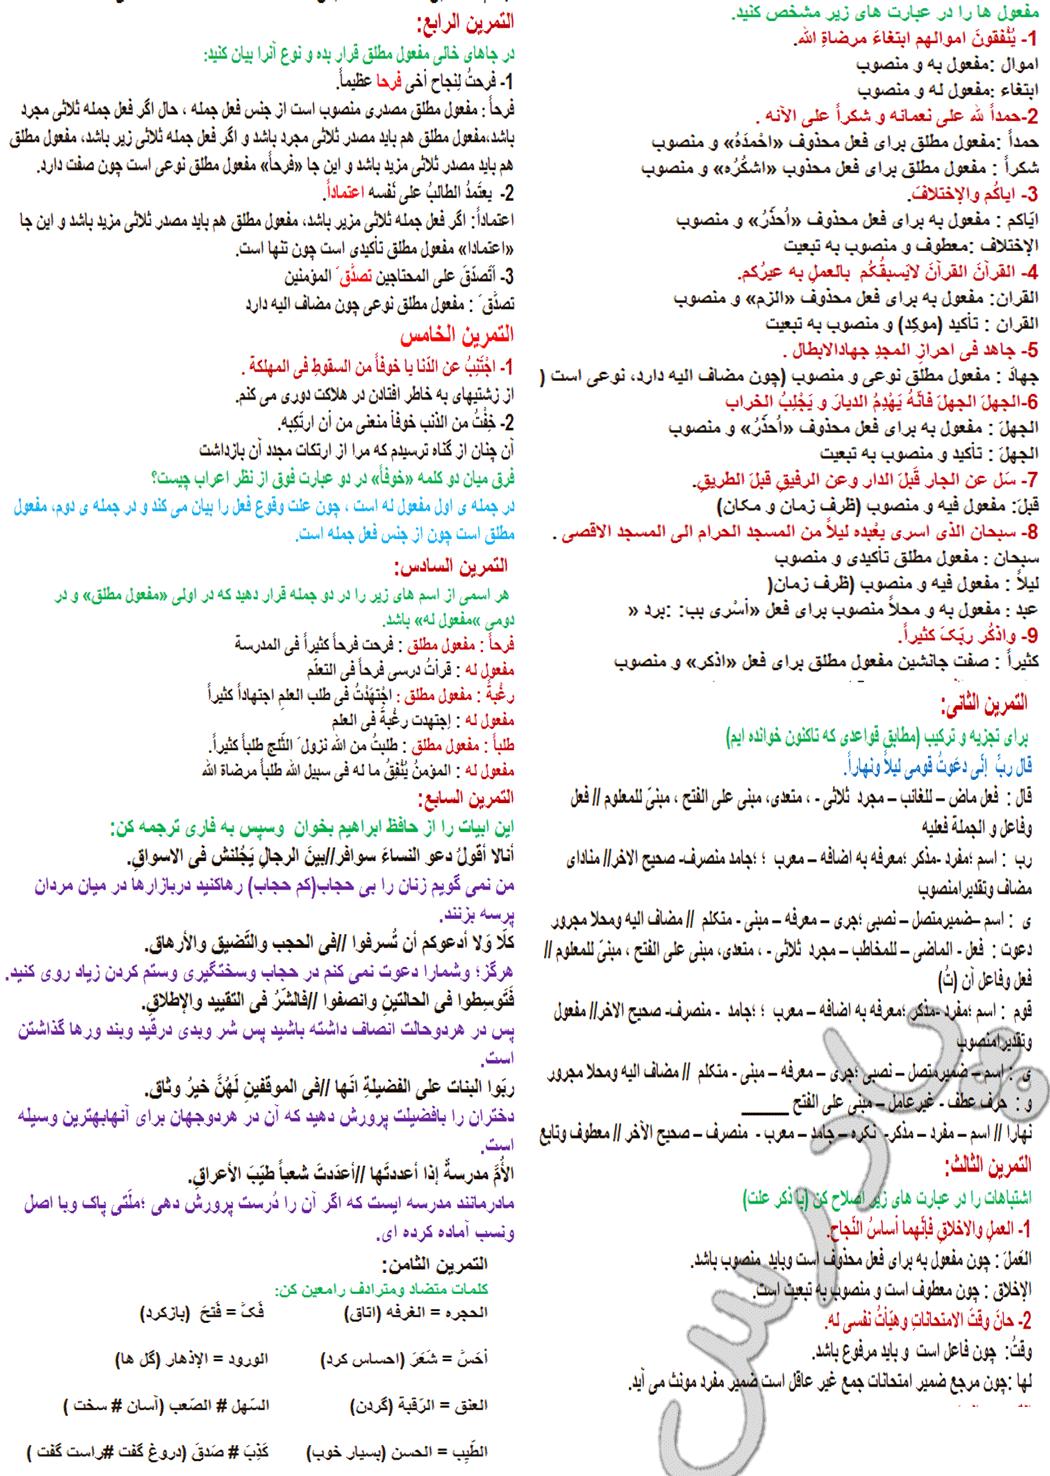 حل تمرینات درس 7 عربی پیش دانشگاهی انسانی